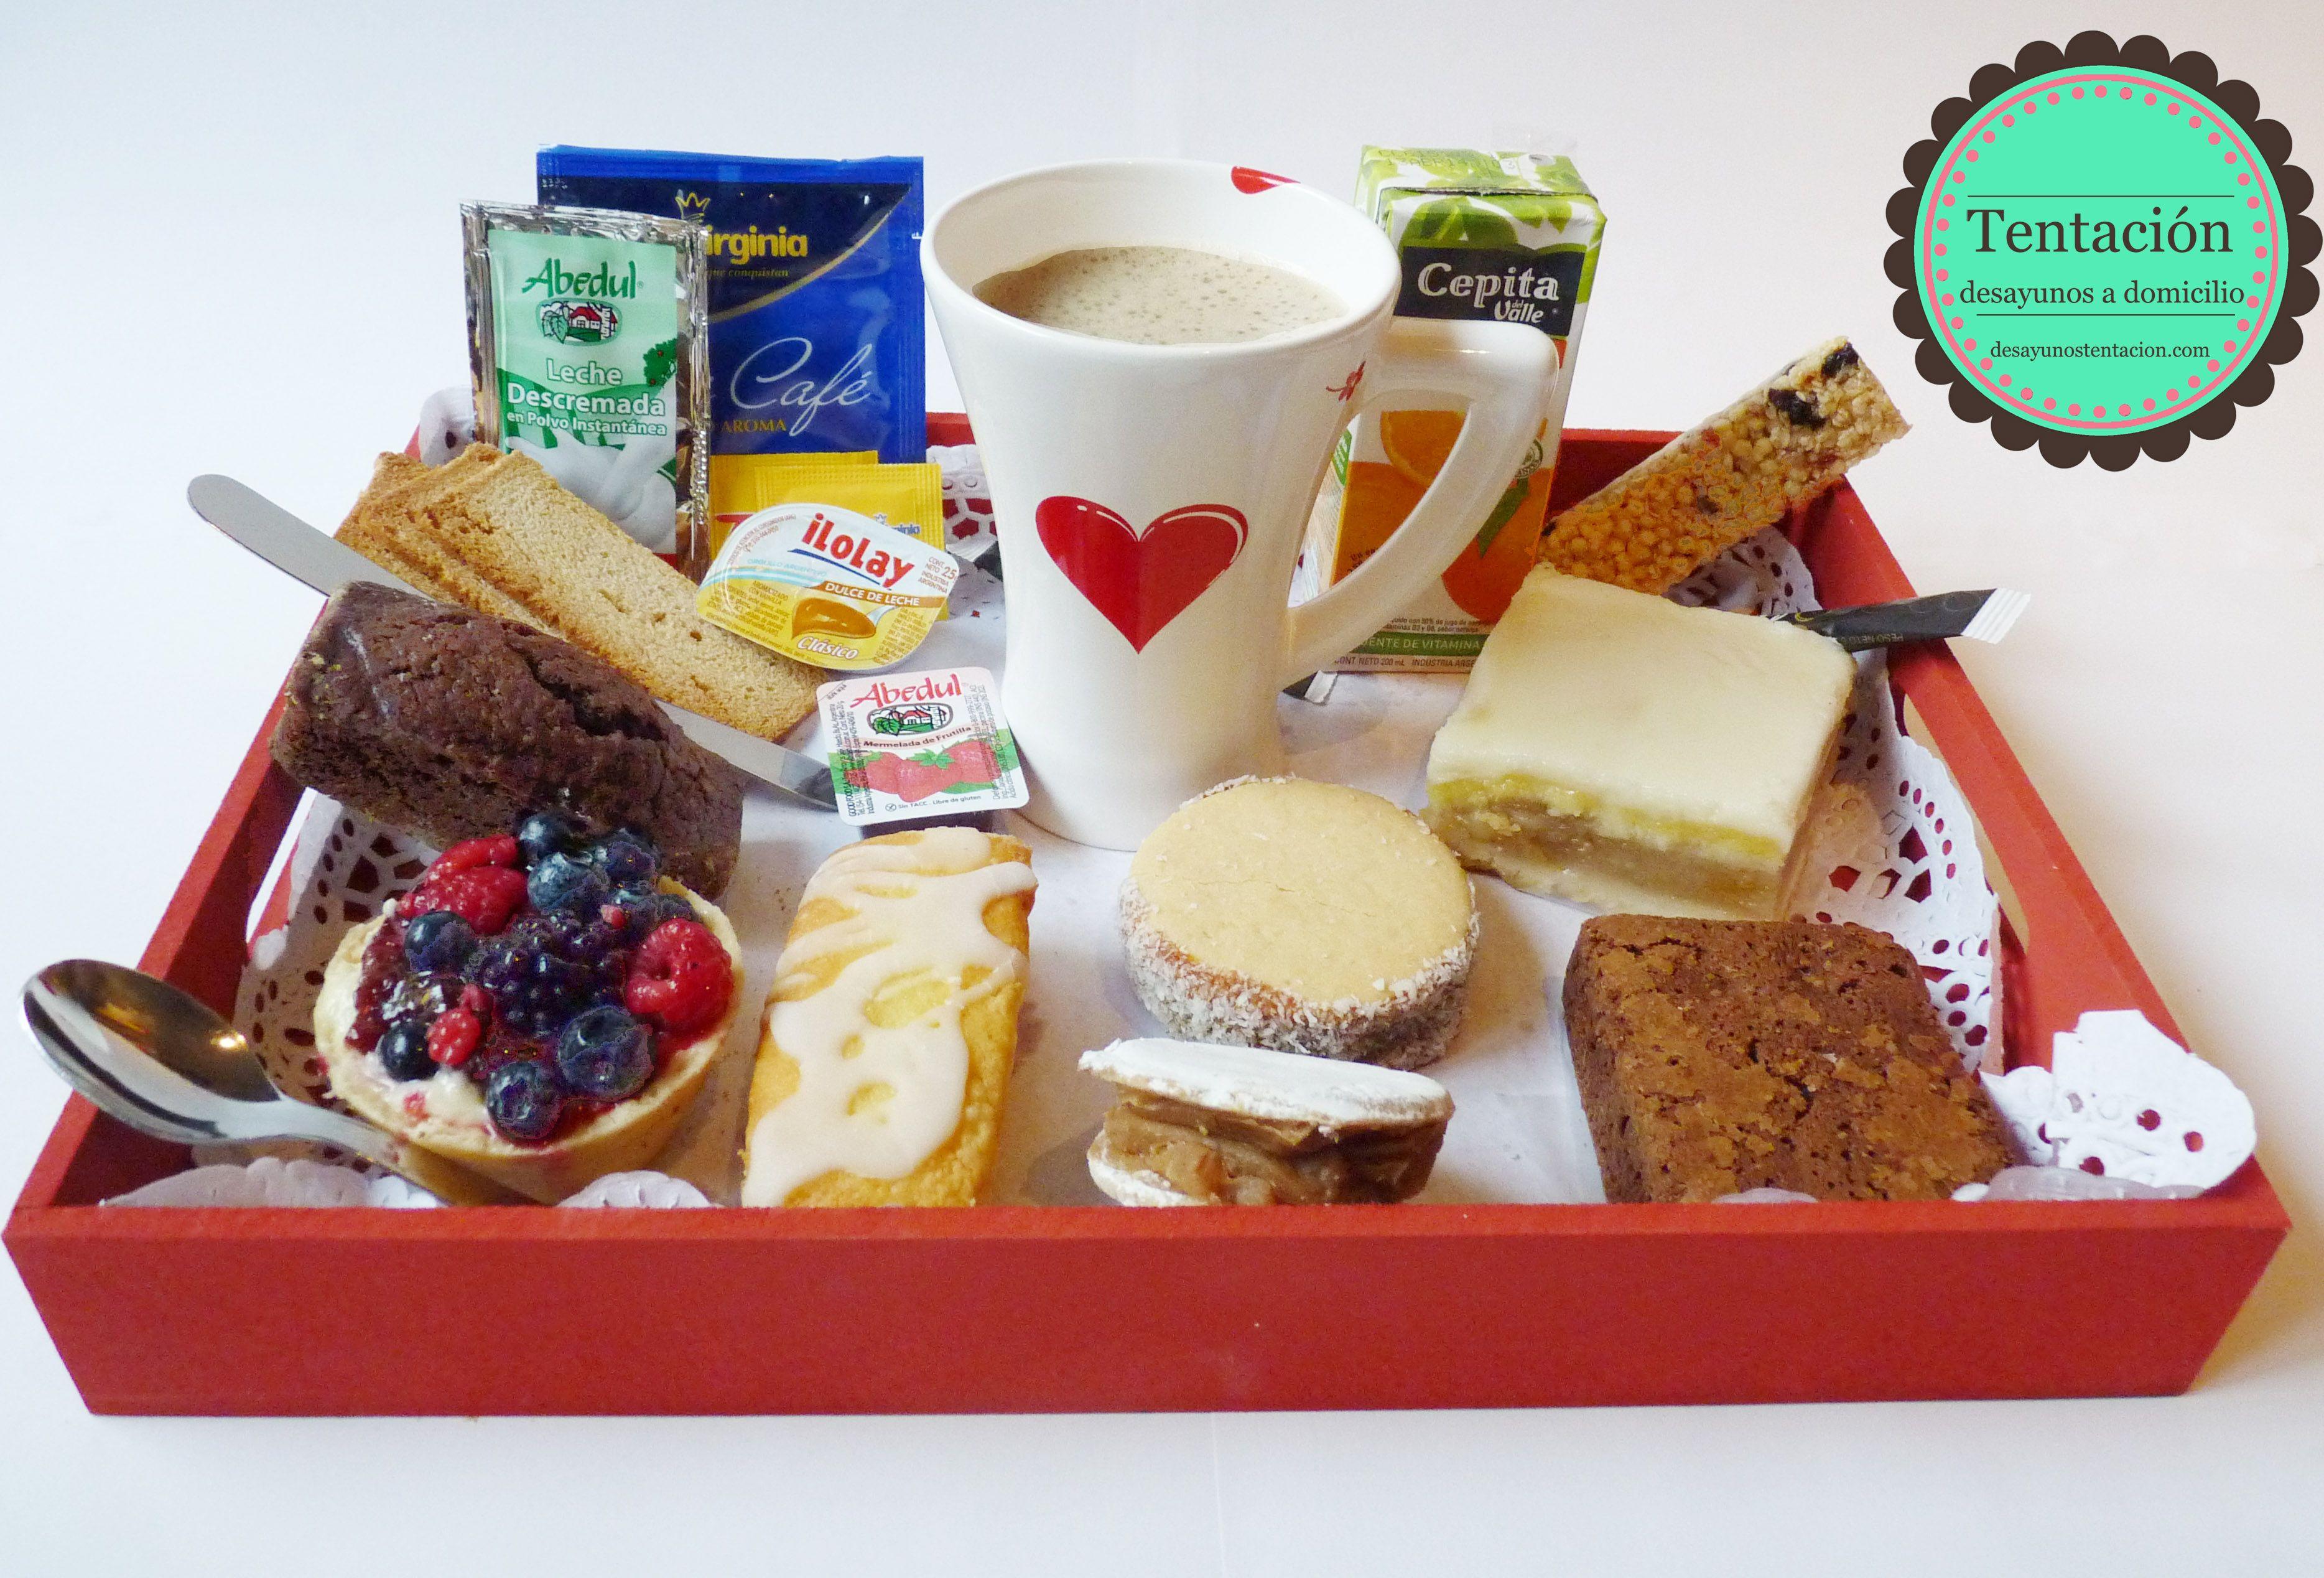 Desayunos a domcilio buscar con google desayunos con sorpresa pinterest desayuno - Regalar desayuno a domicilio madrid ...